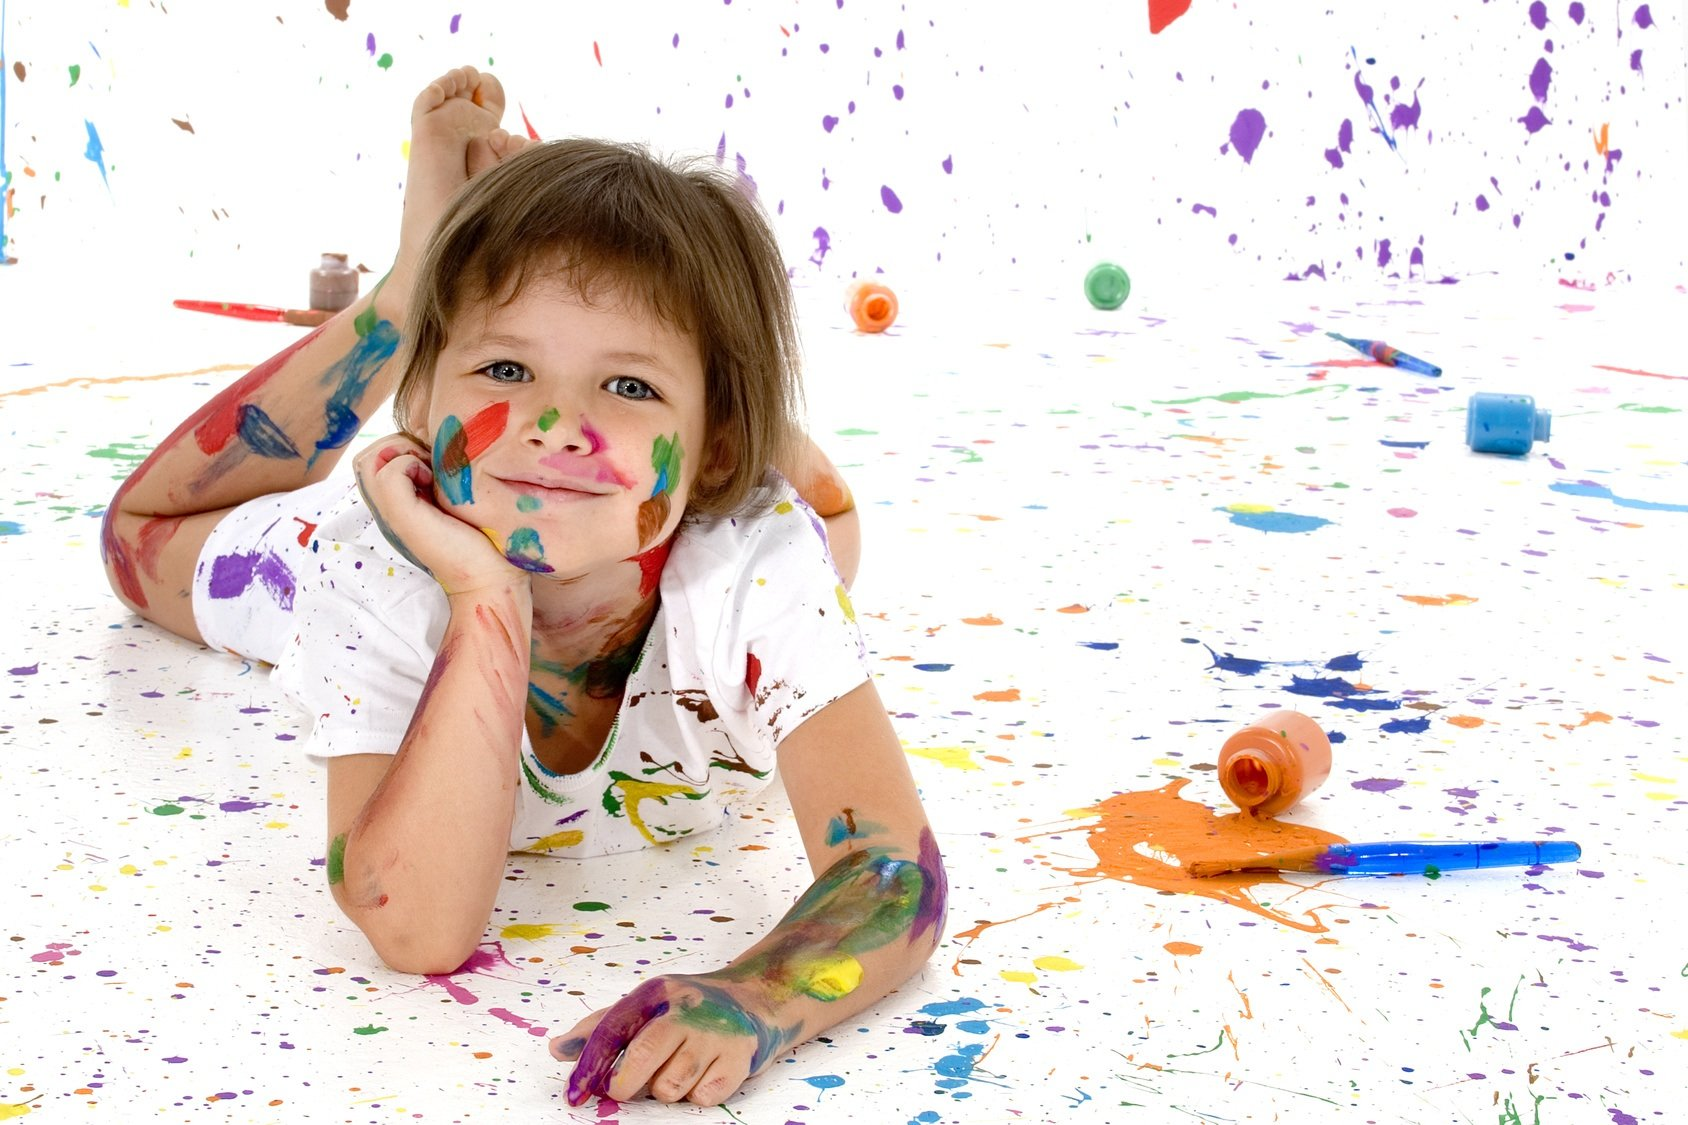 Воспитание ребенка как процесс адаптации в социуме